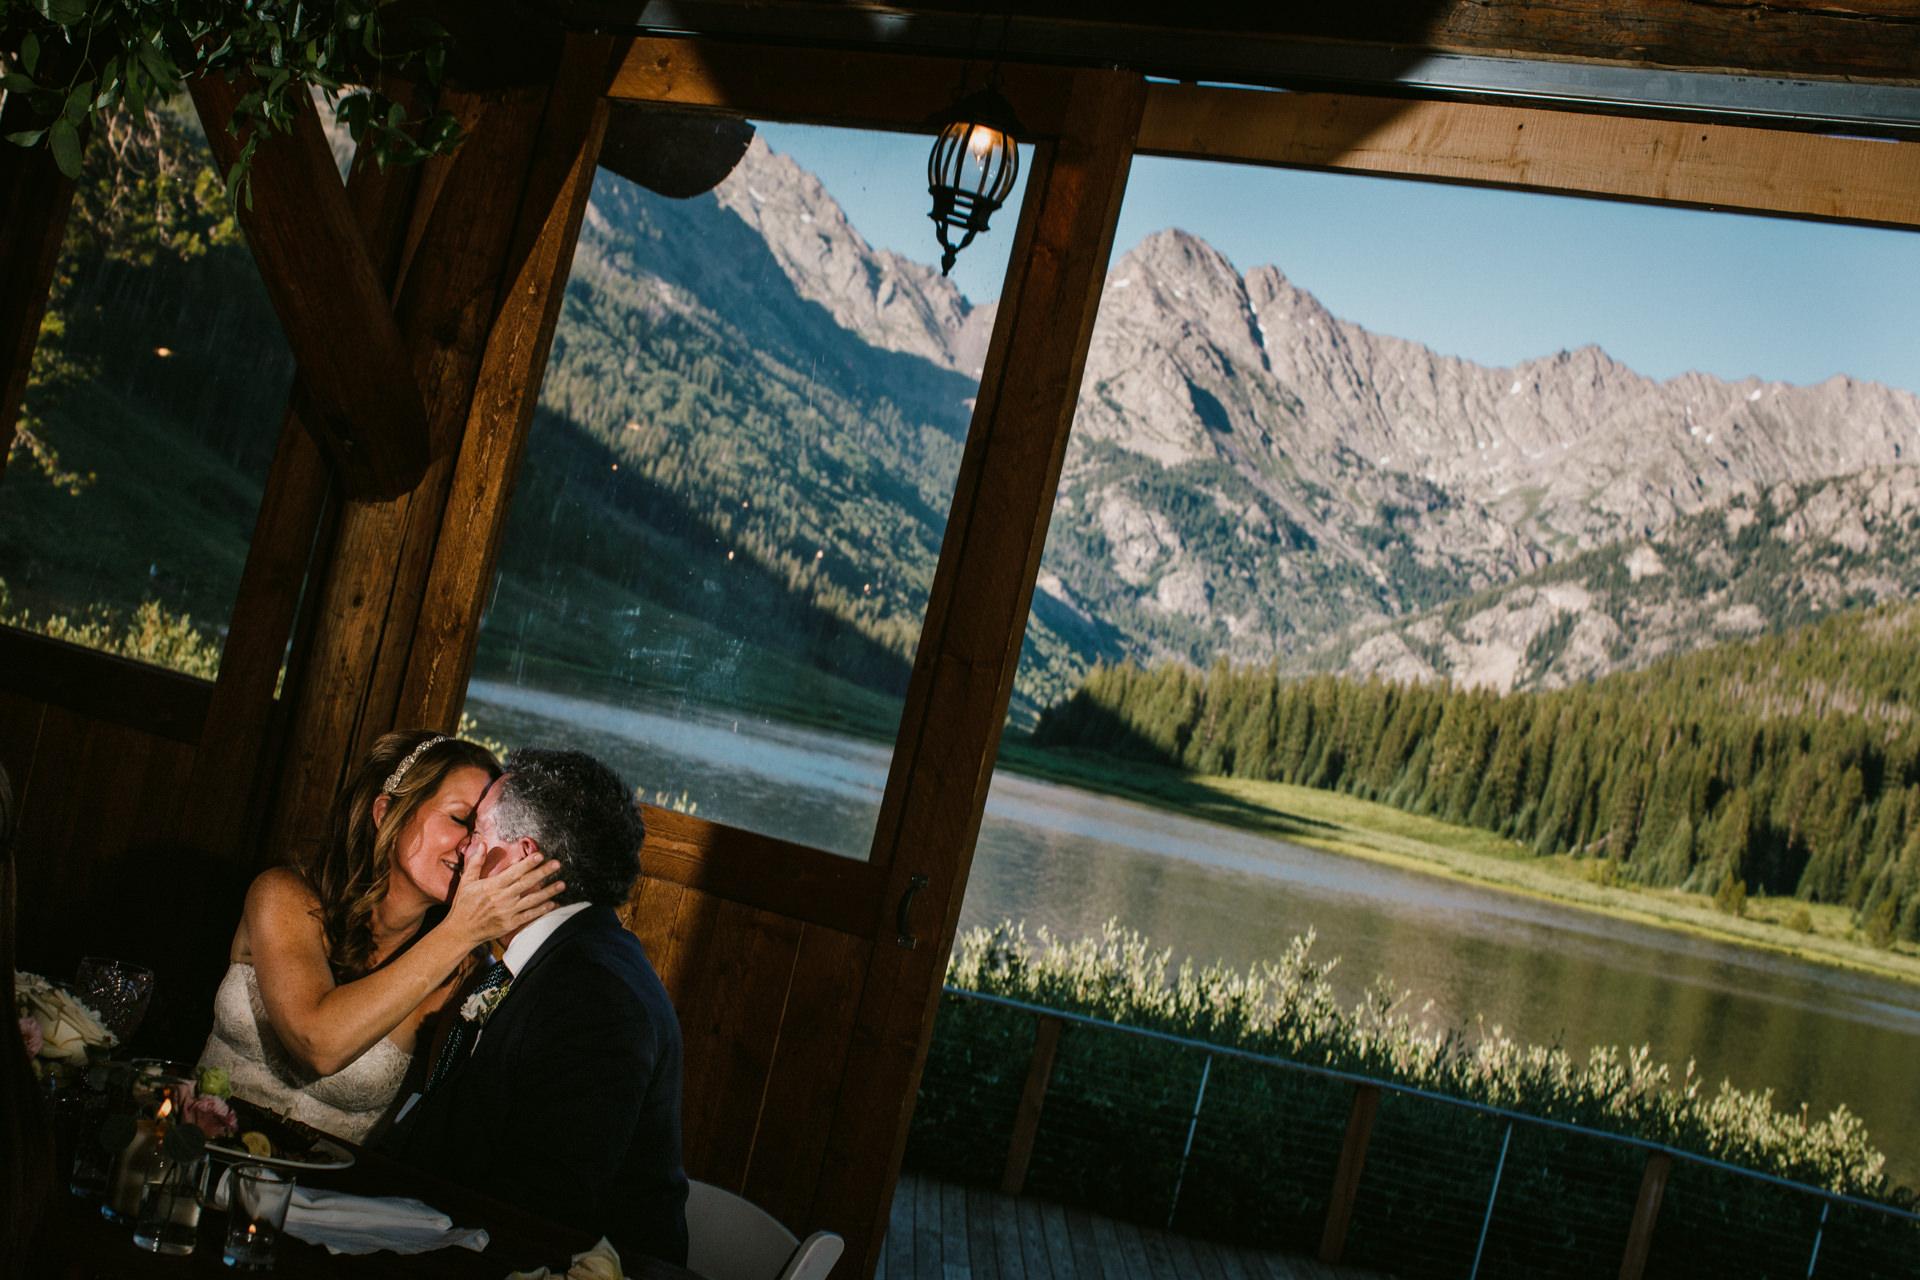 Rocky Mountain-trouwfoto's - Piney River Ranch-bruiloften   een kus delen tijdens het eten